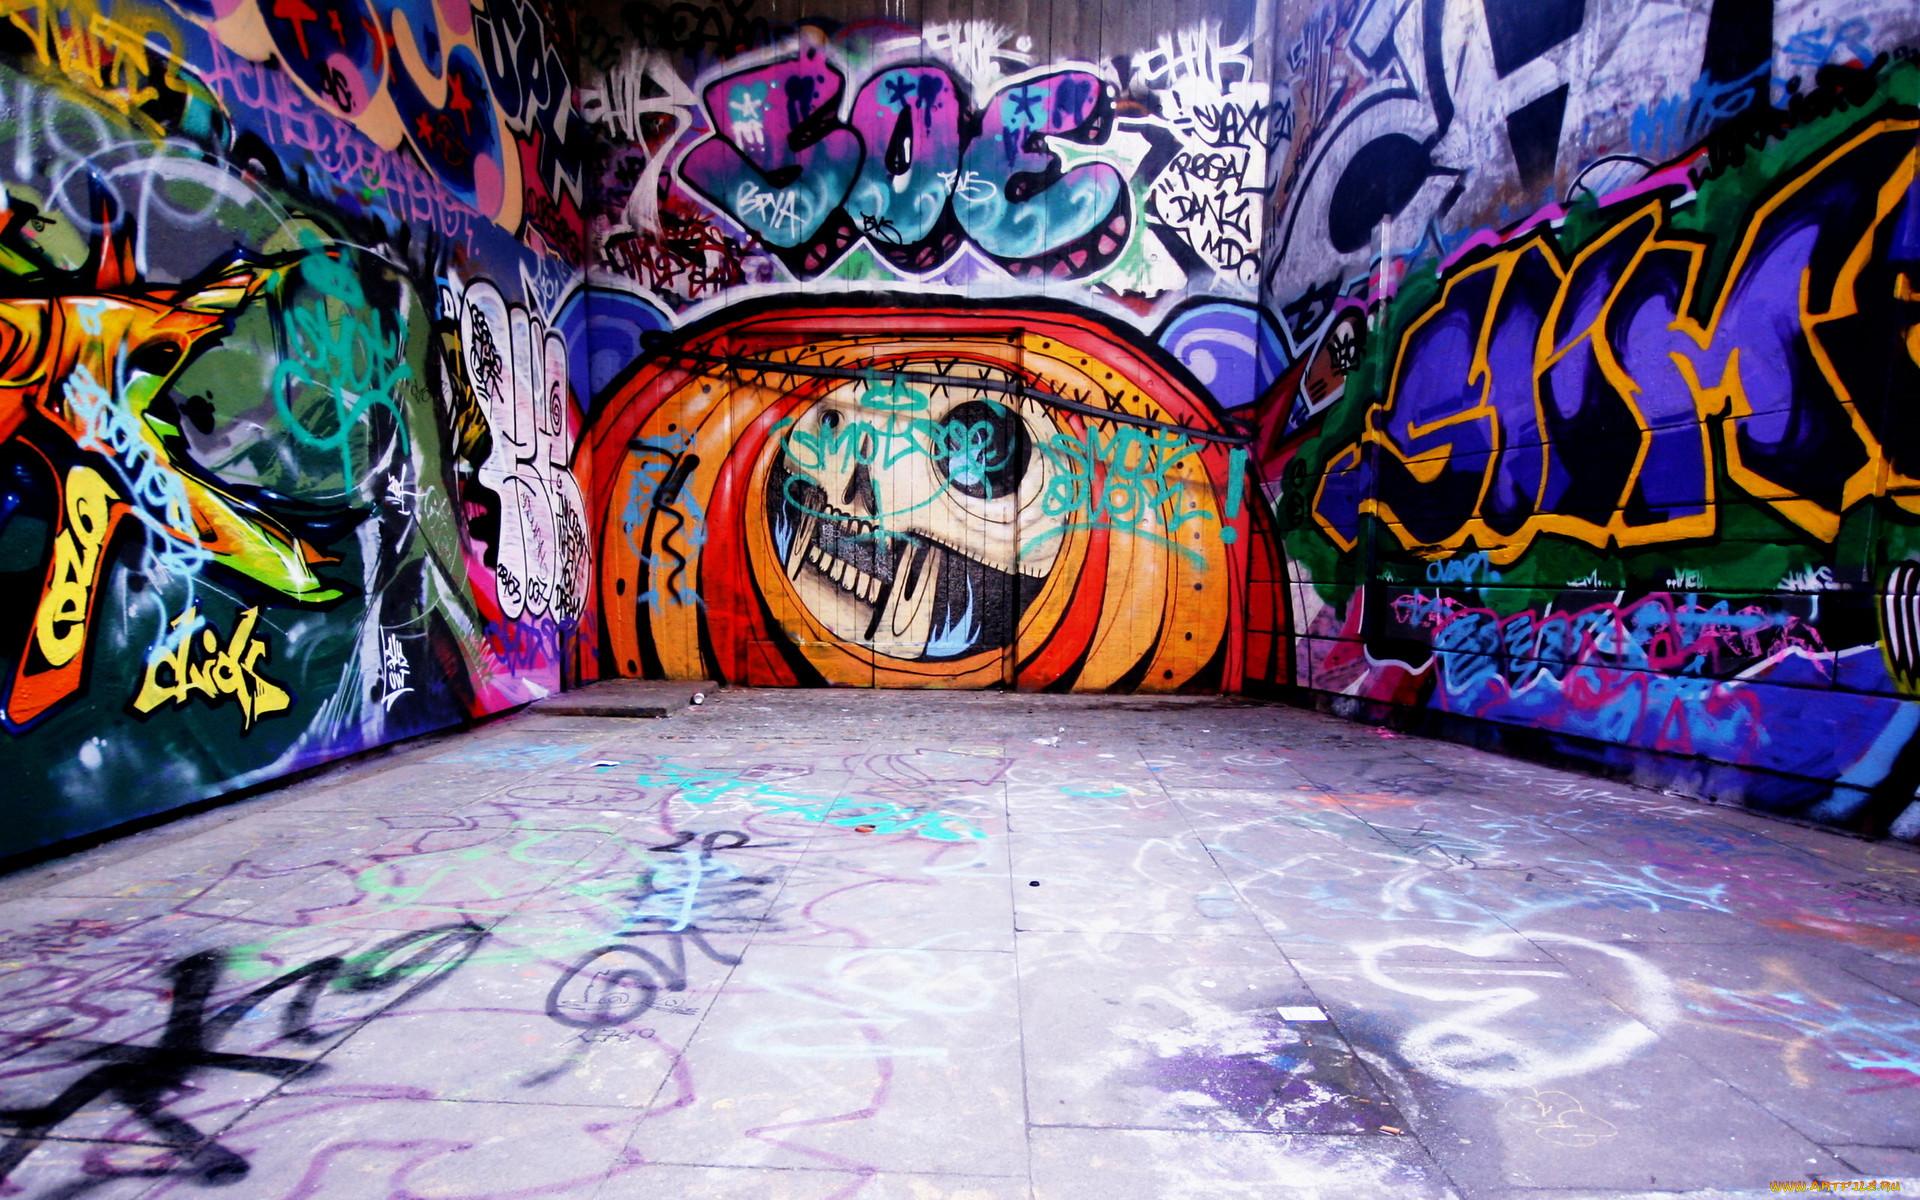 Картинки с граффити на стене